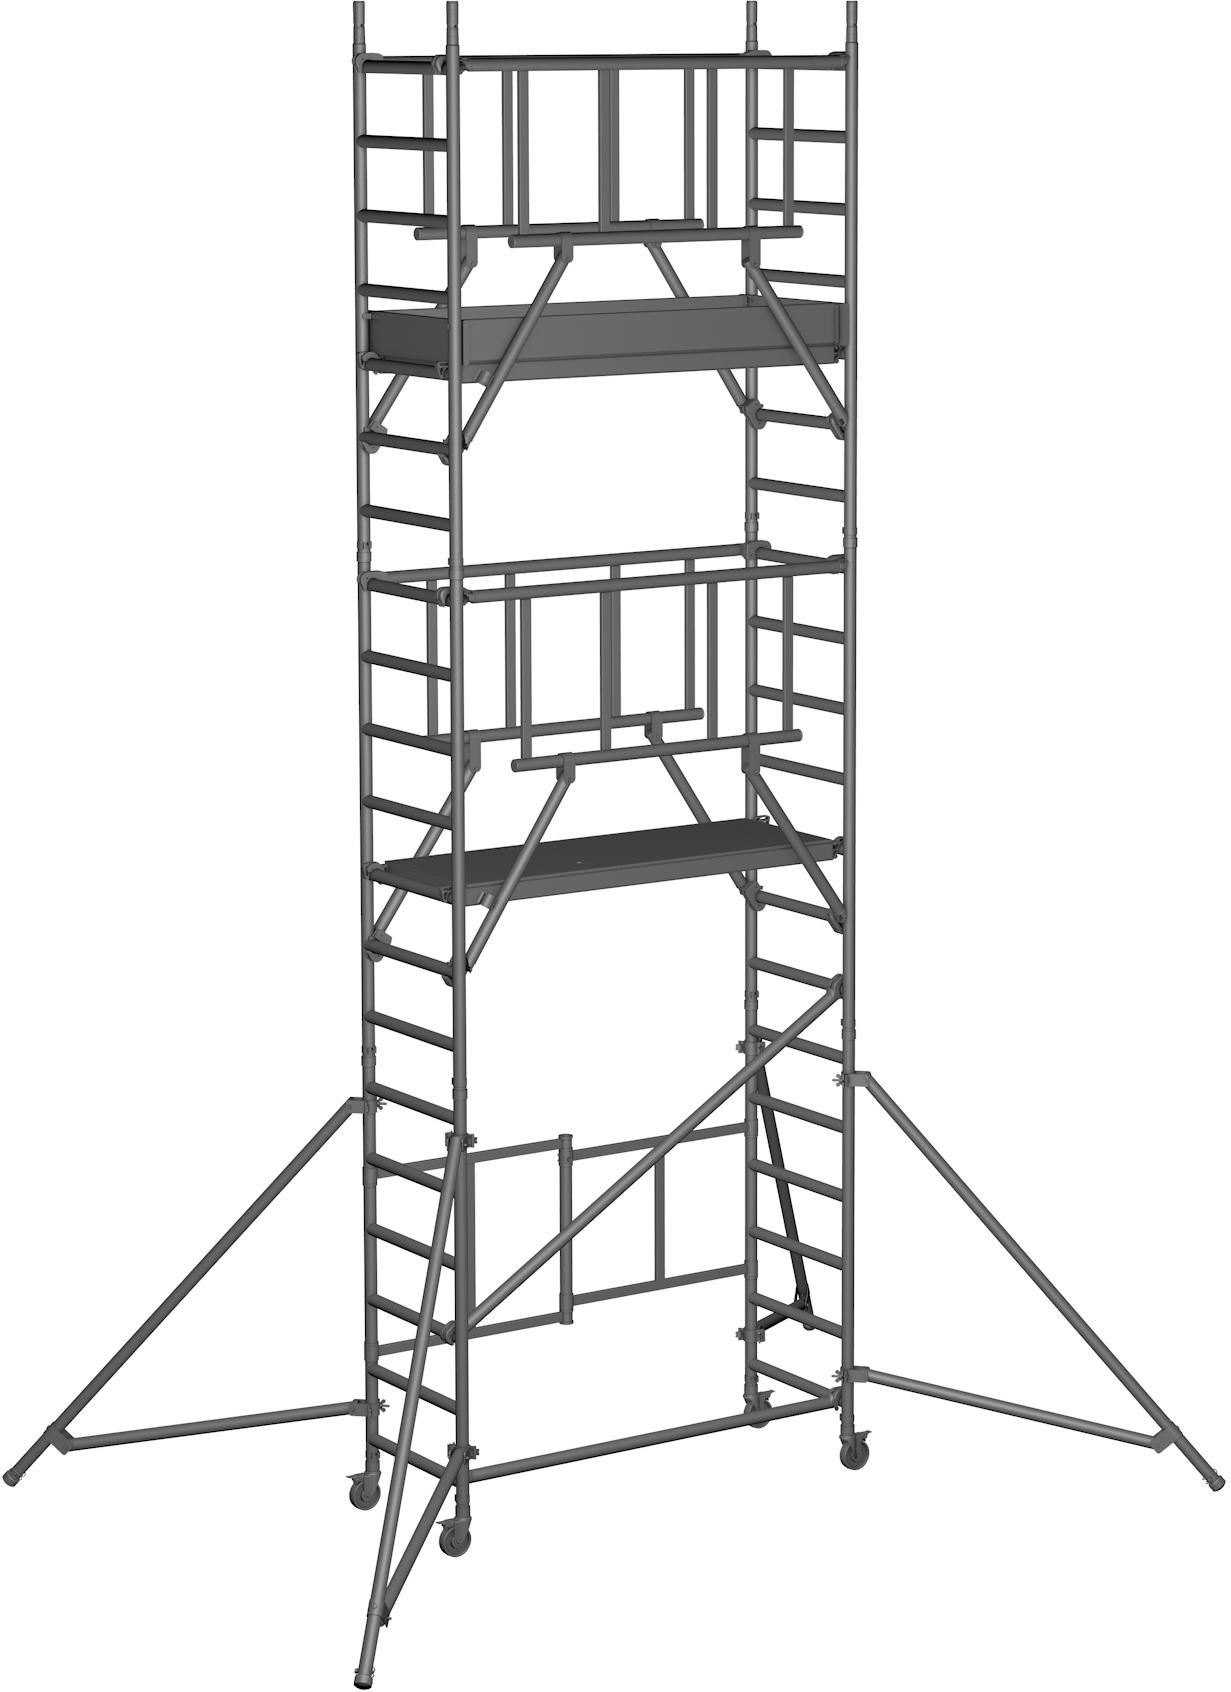 Klappgerüst ZARGES Reachmaster S-PLUS 1T - AH 6,55m